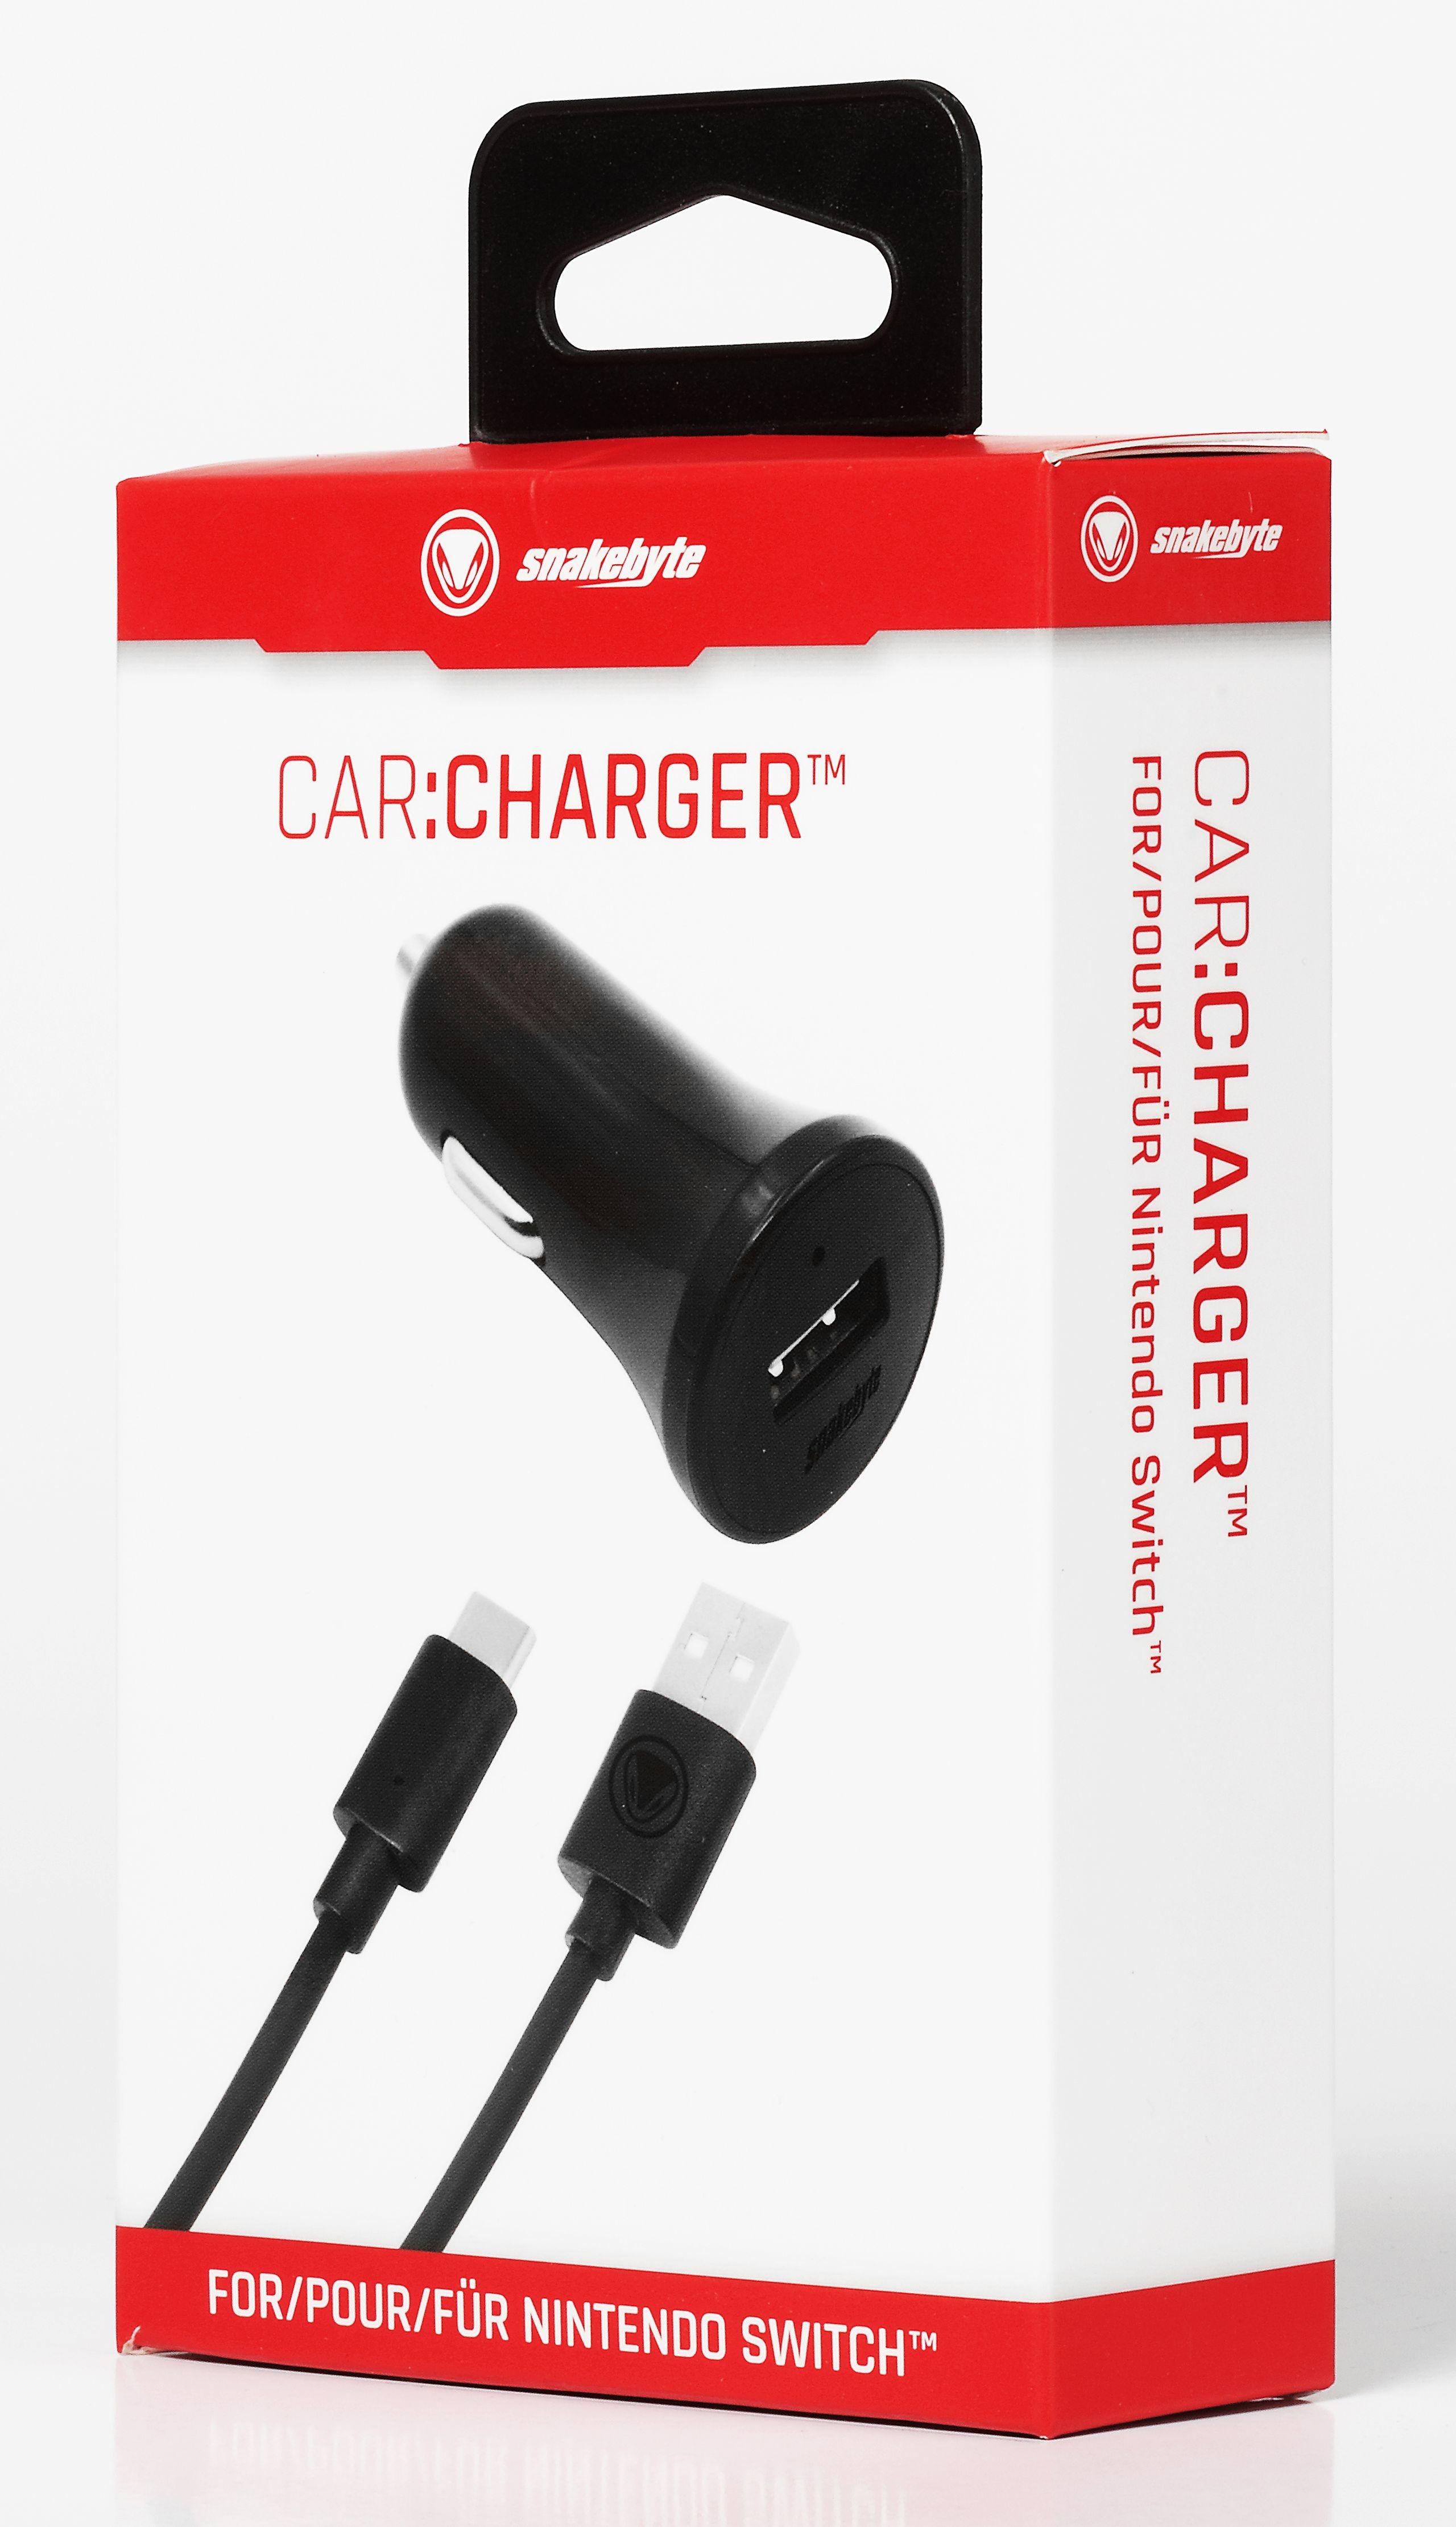 snakebyte ładowarka samochodowa do konsoli Nintendo Switch CAR:CHARGER - 3